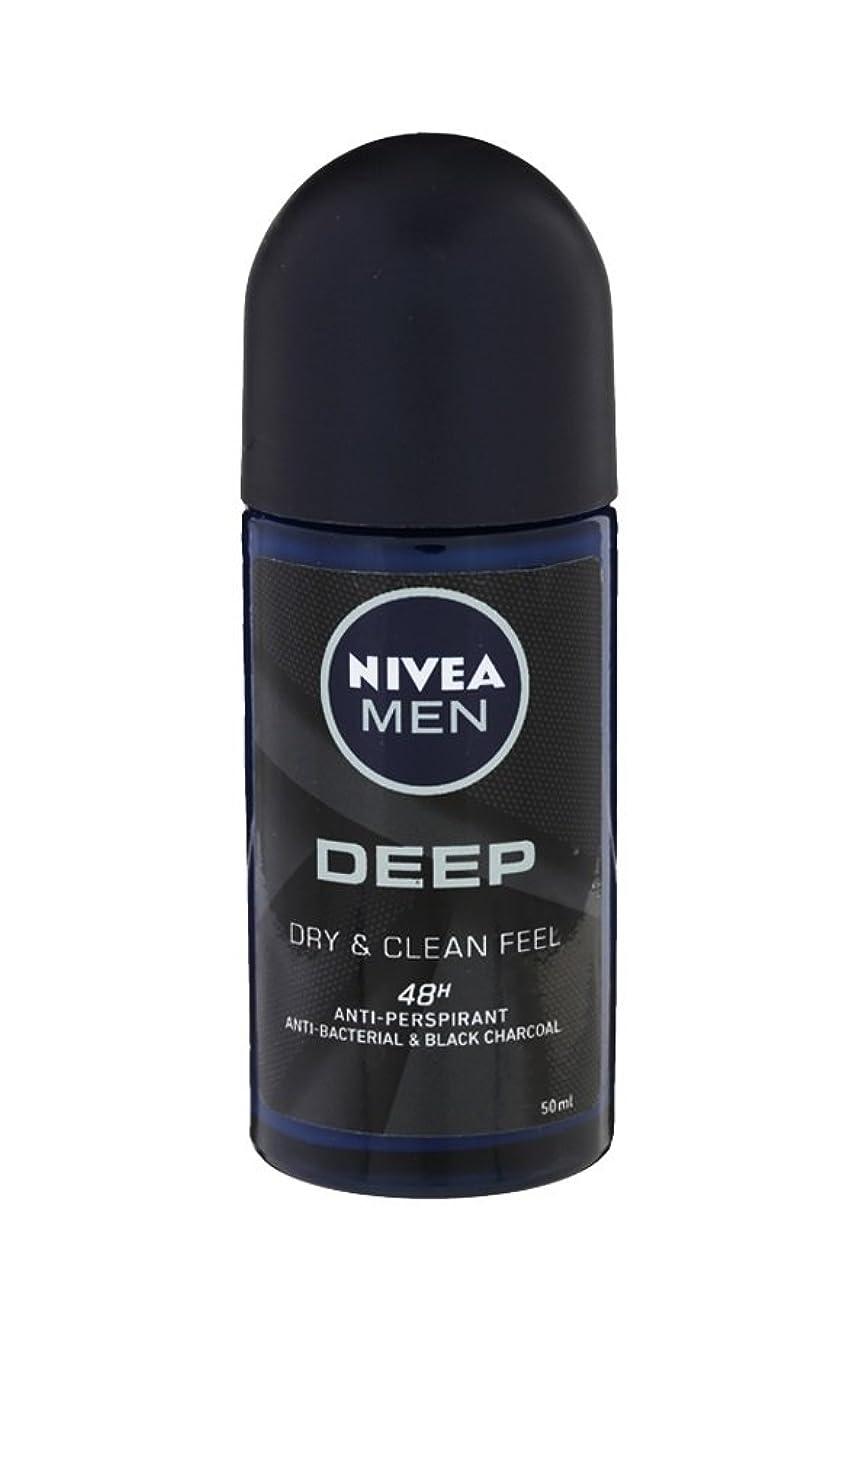 クロスやけど仮称Nivea Deep Anti-perspirant Deodorant Roll On for Men 50ml - ニベア深い制汗剤デオドラントロールオン男性用50ml